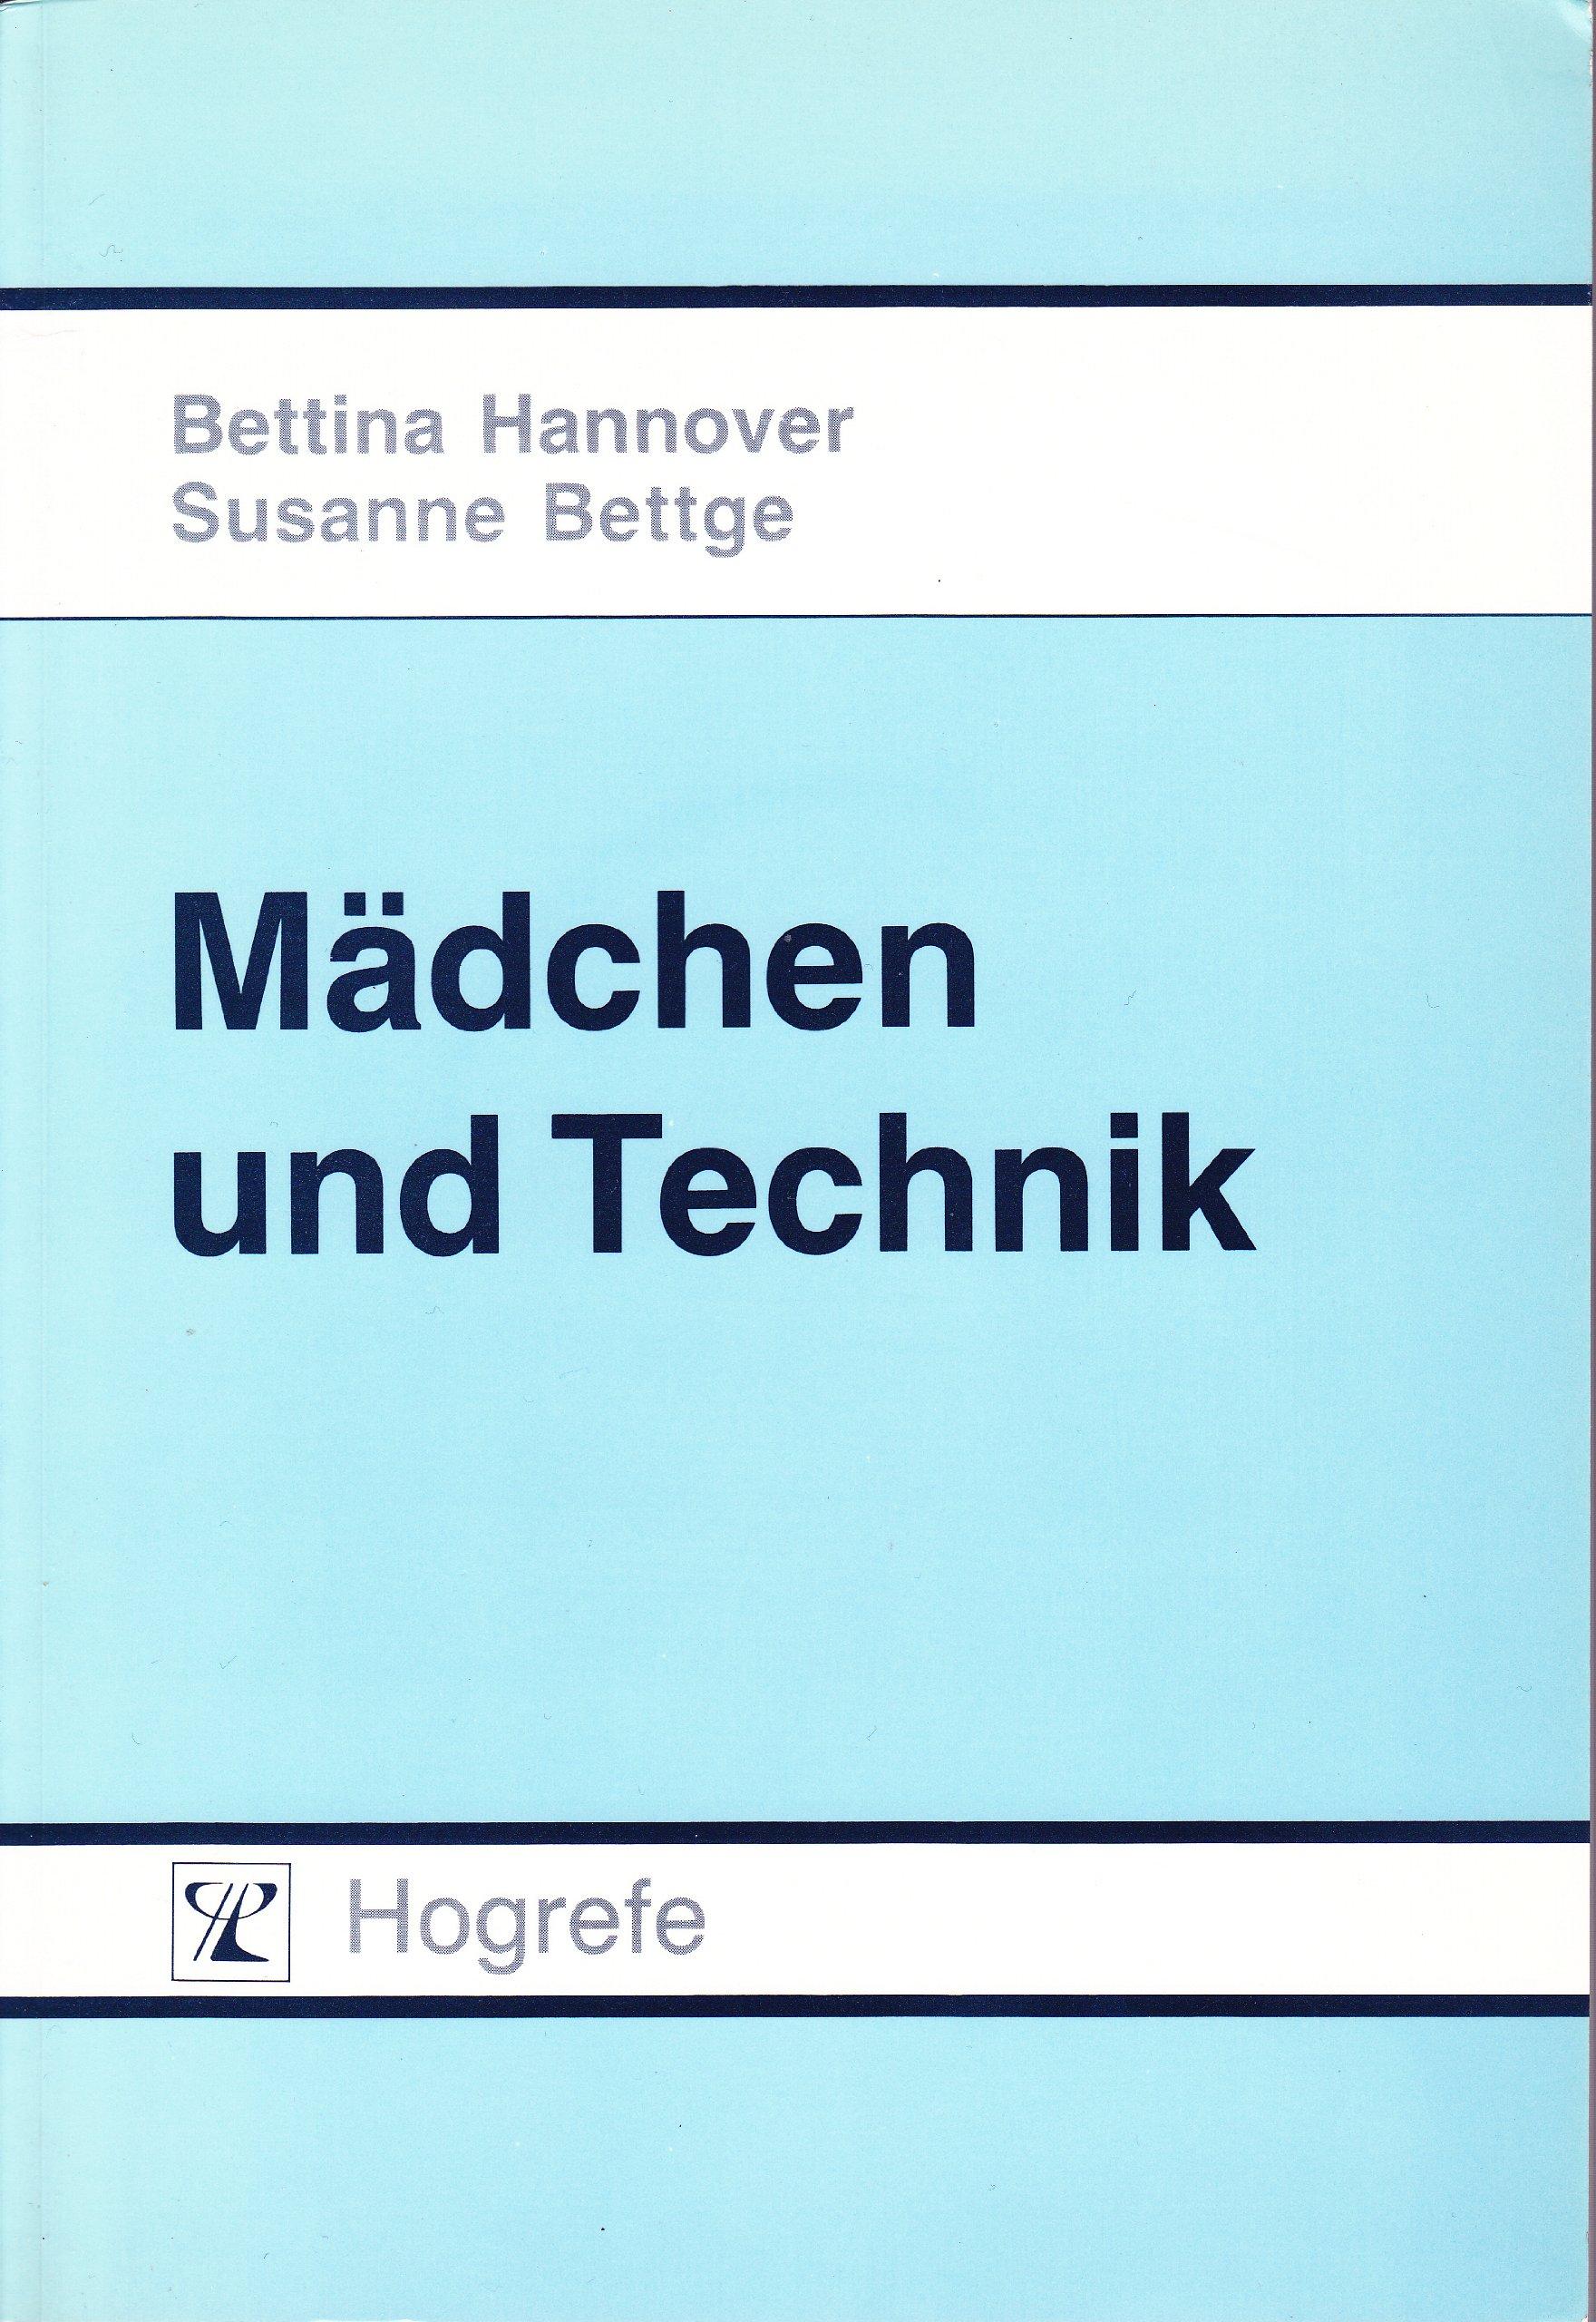 Mädchen und Technik: Amazon.de: Bettina Hannover, Susanne Bettge: Bücher